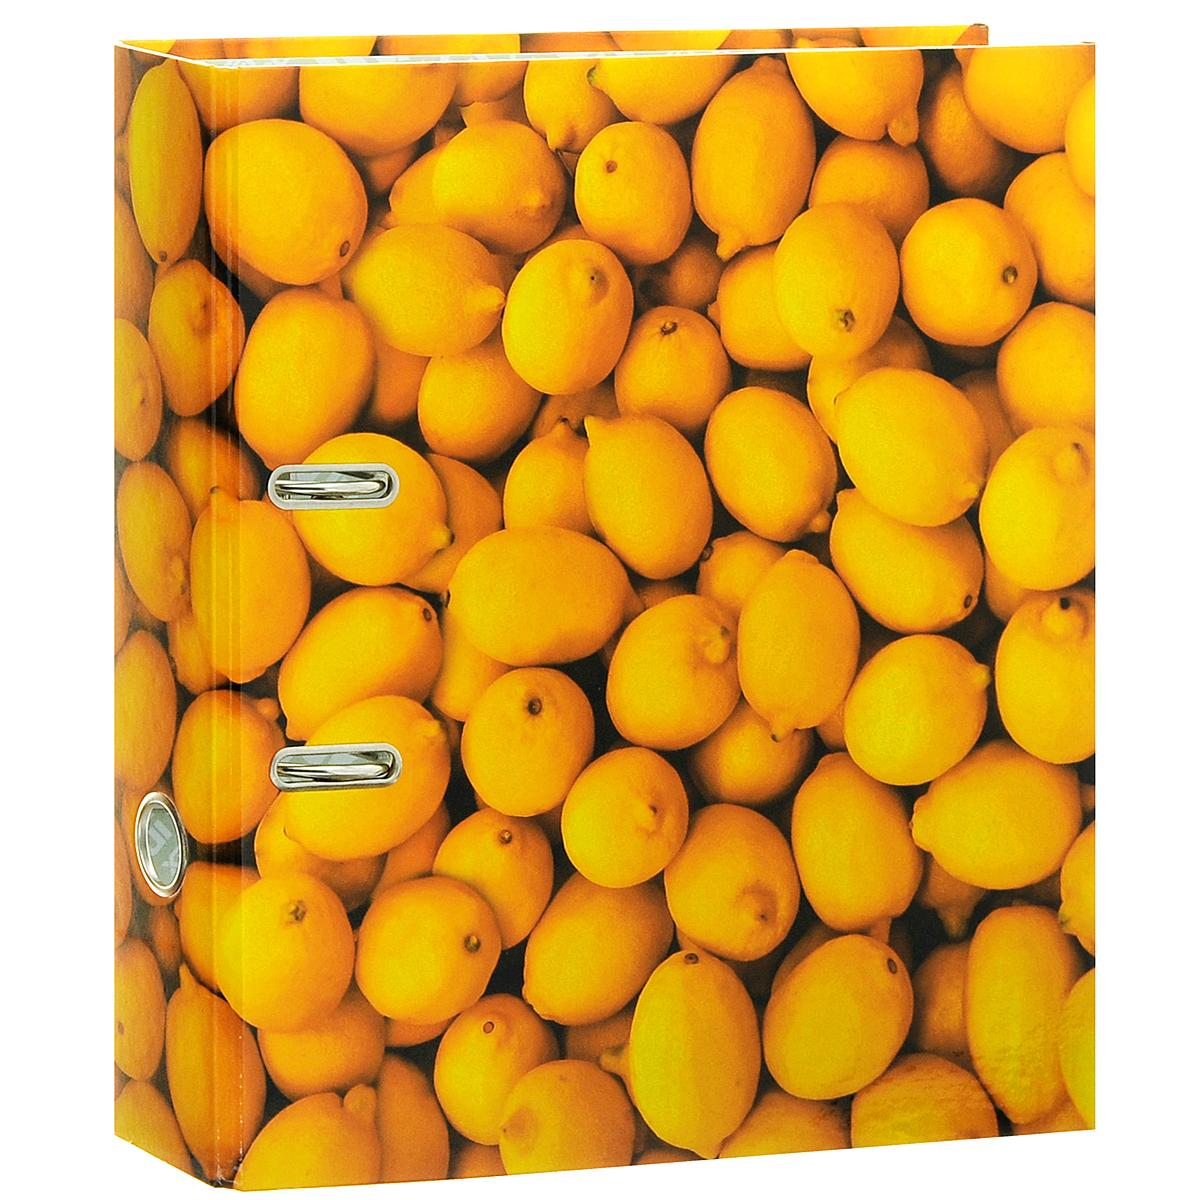 Папка-регистратор Index Лимон, ширина корешка 80 мм, цвет: желтыйIN111106Папка-регистратор Index Лимон незаменима для работы с большими объемами бумаг дома и в офисе. Папка изготовлена из износостойкого высококачественного картона толщиной 2 мм, имеет ламинацию как снаружи, так и внутри. Папка оснащена прочным металлическим арочным механизмом, обеспечивающим надежную фиксацию перфорированных бумаг и документов формата А4. Для папки используется фурнитура только европейского производства. На торце папки расположено металлическое кольцо для удобства использования. Обложка папки оформлена красочным изображением спелых лимонов. Папка-регистратор станет вашим надежным помощником, она упростит работу с бумагами и документами и защитит их от повреждения, пыли и влаги.